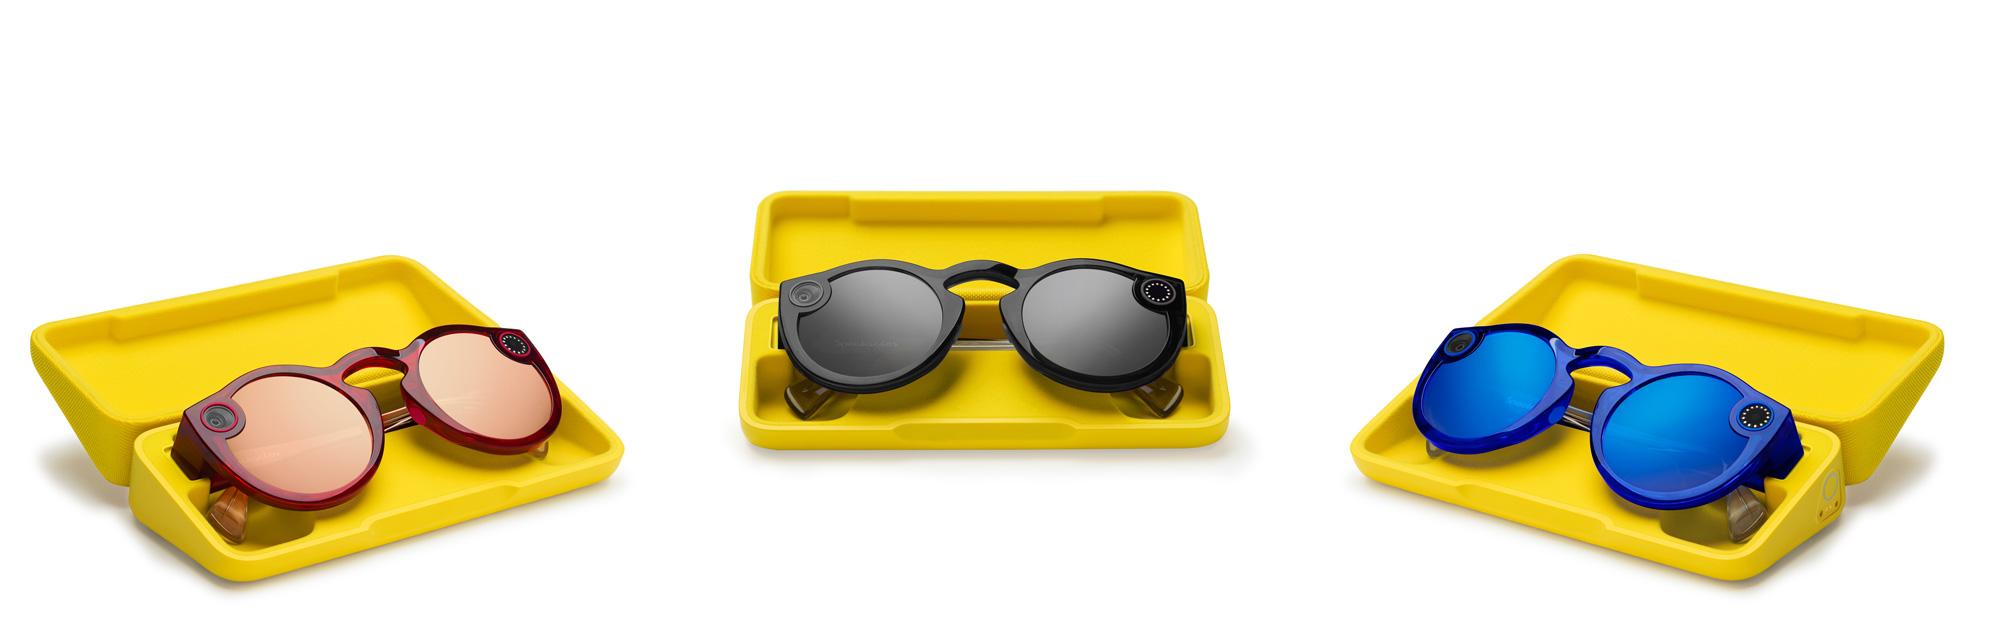 a247ad99f7368 Snapchat dévoile la nouvelle version de ses lunettes Spectacles - Tech -  Numerama